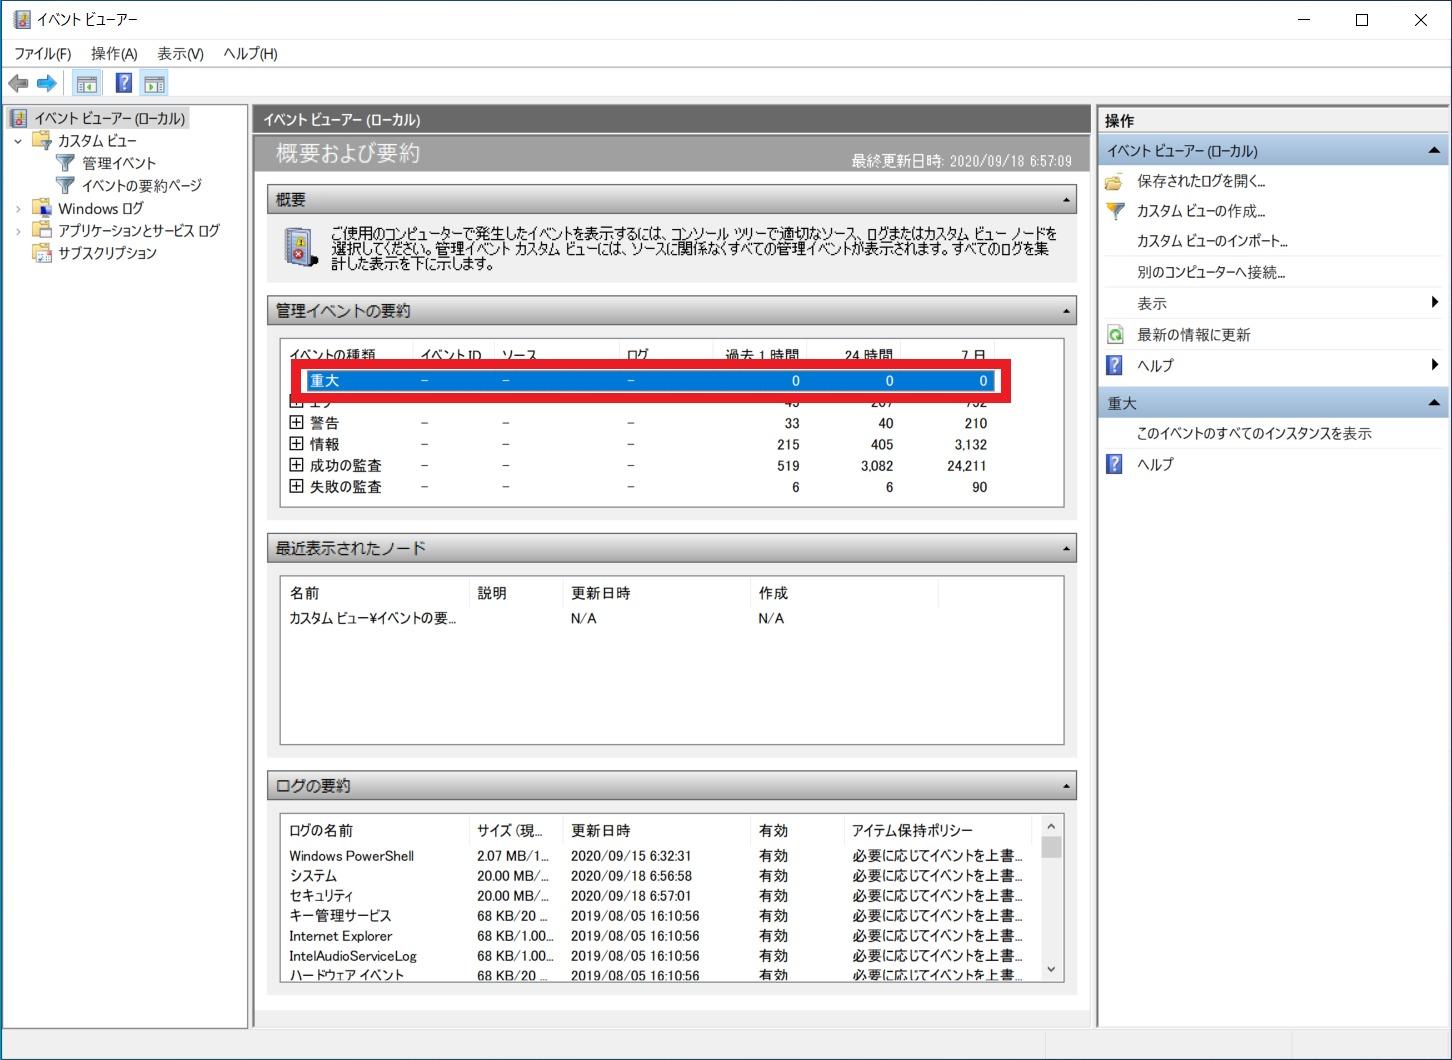 パソコンのエラー履歴を確認する方法【Windows10】